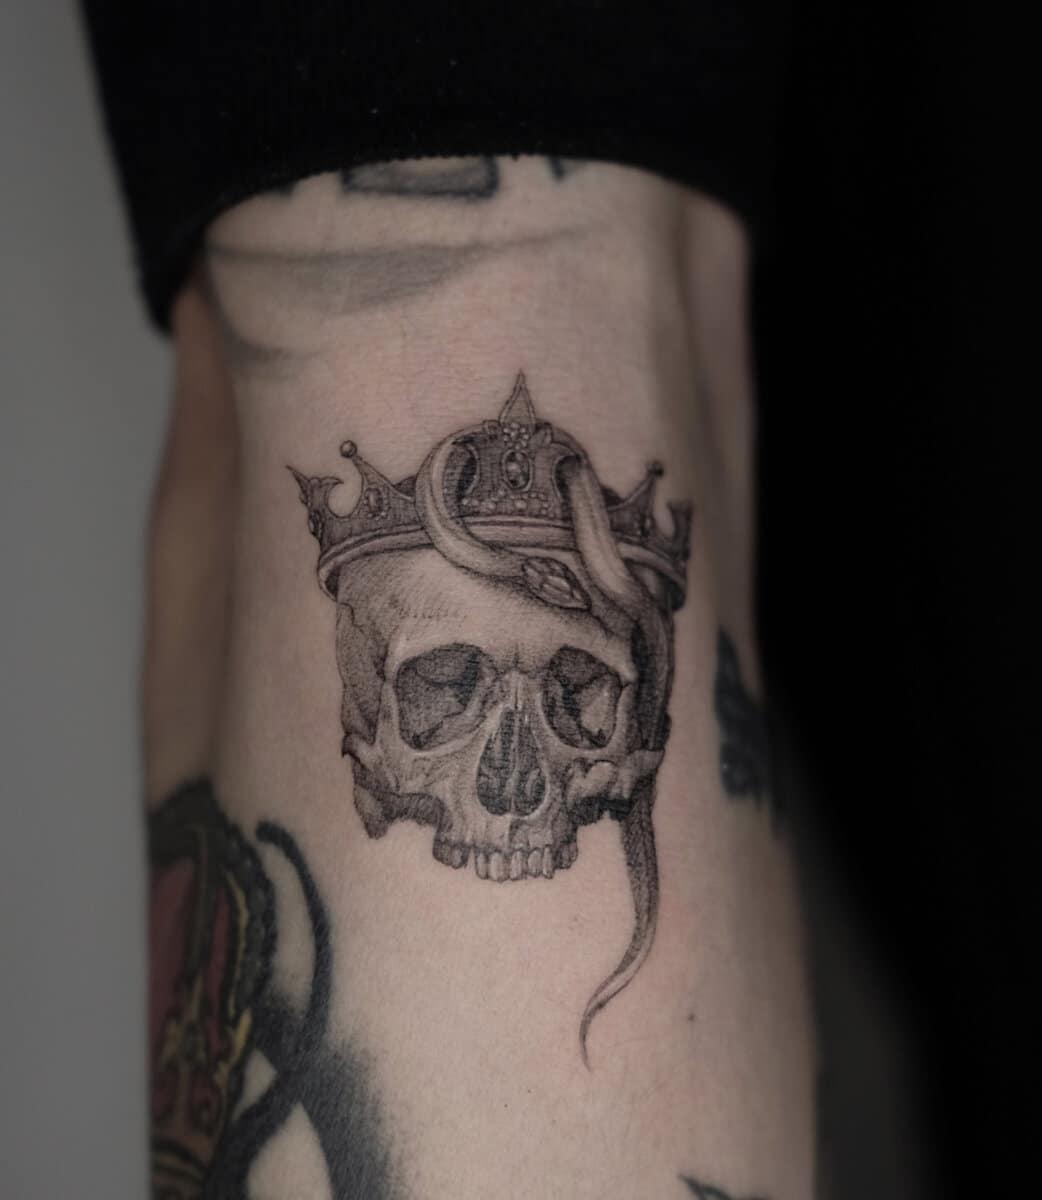 jo ink tattoo artist skull snake